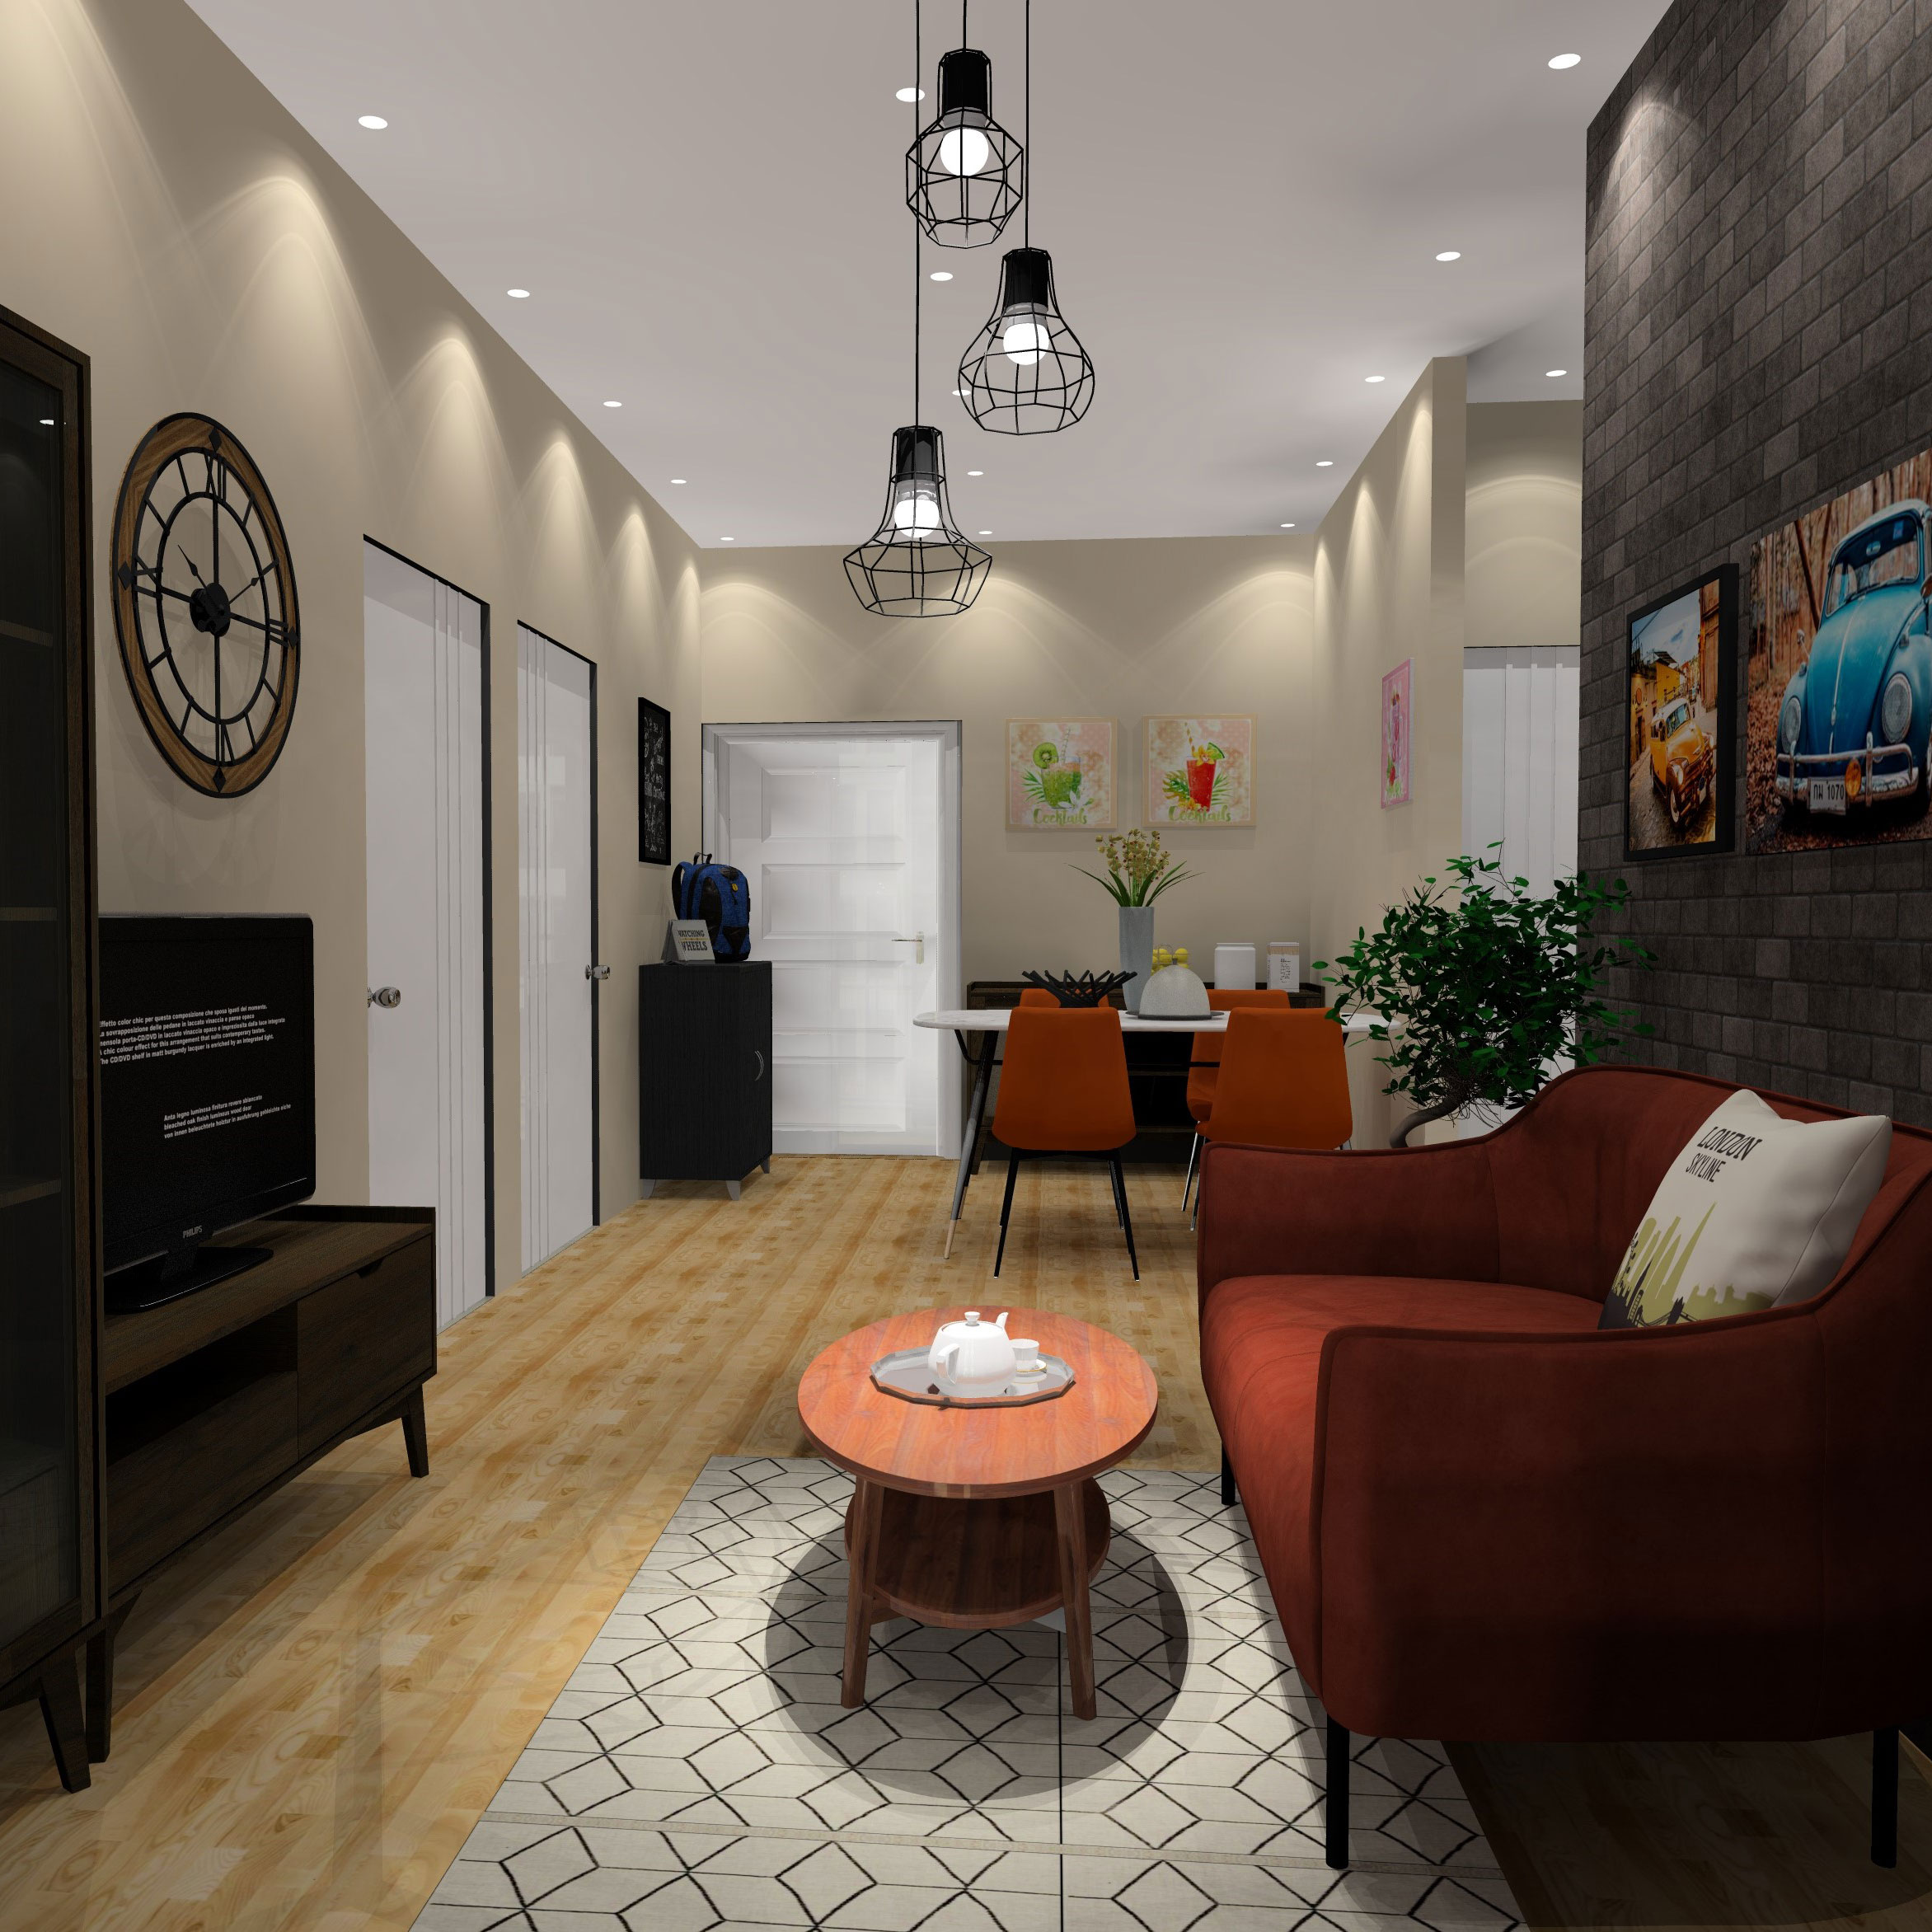 Căn Hộ 2 Phòng Ngủ - Bộ sưu tập Harsh Phong cách Hiện đại